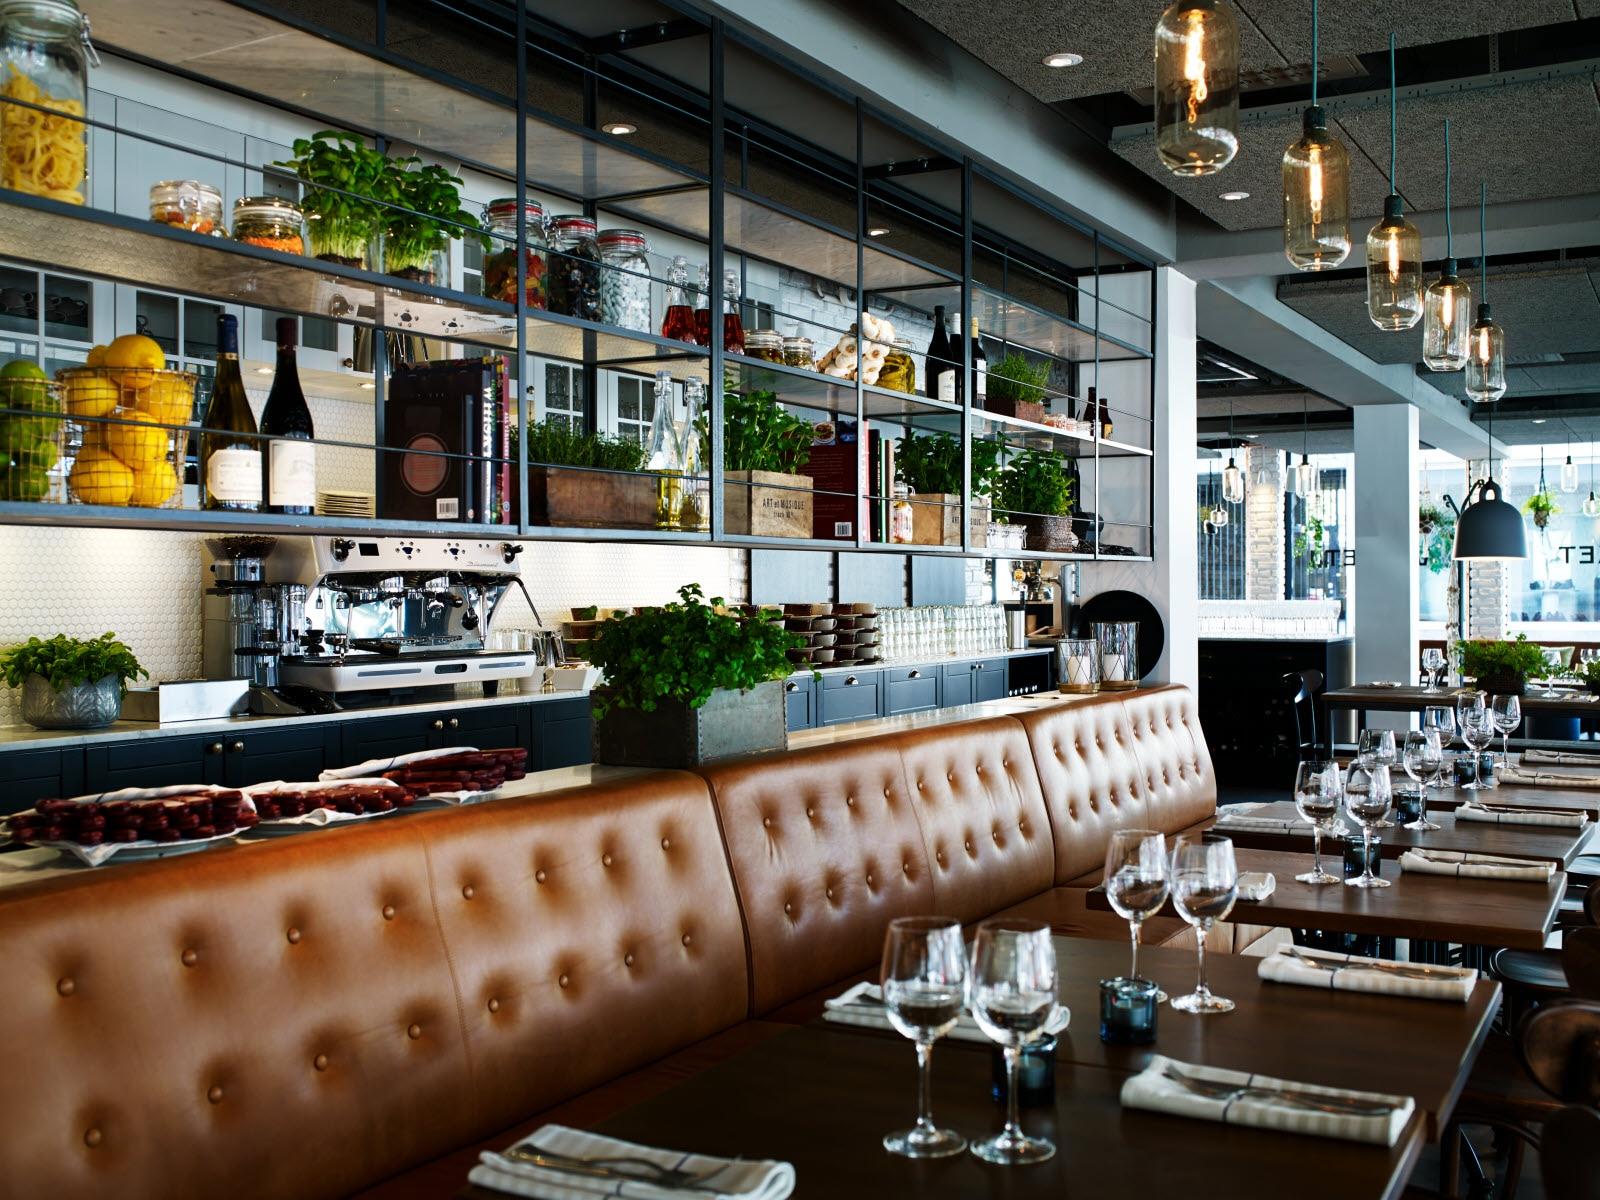 restaurants bars scandic hotels. Black Bedroom Furniture Sets. Home Design Ideas